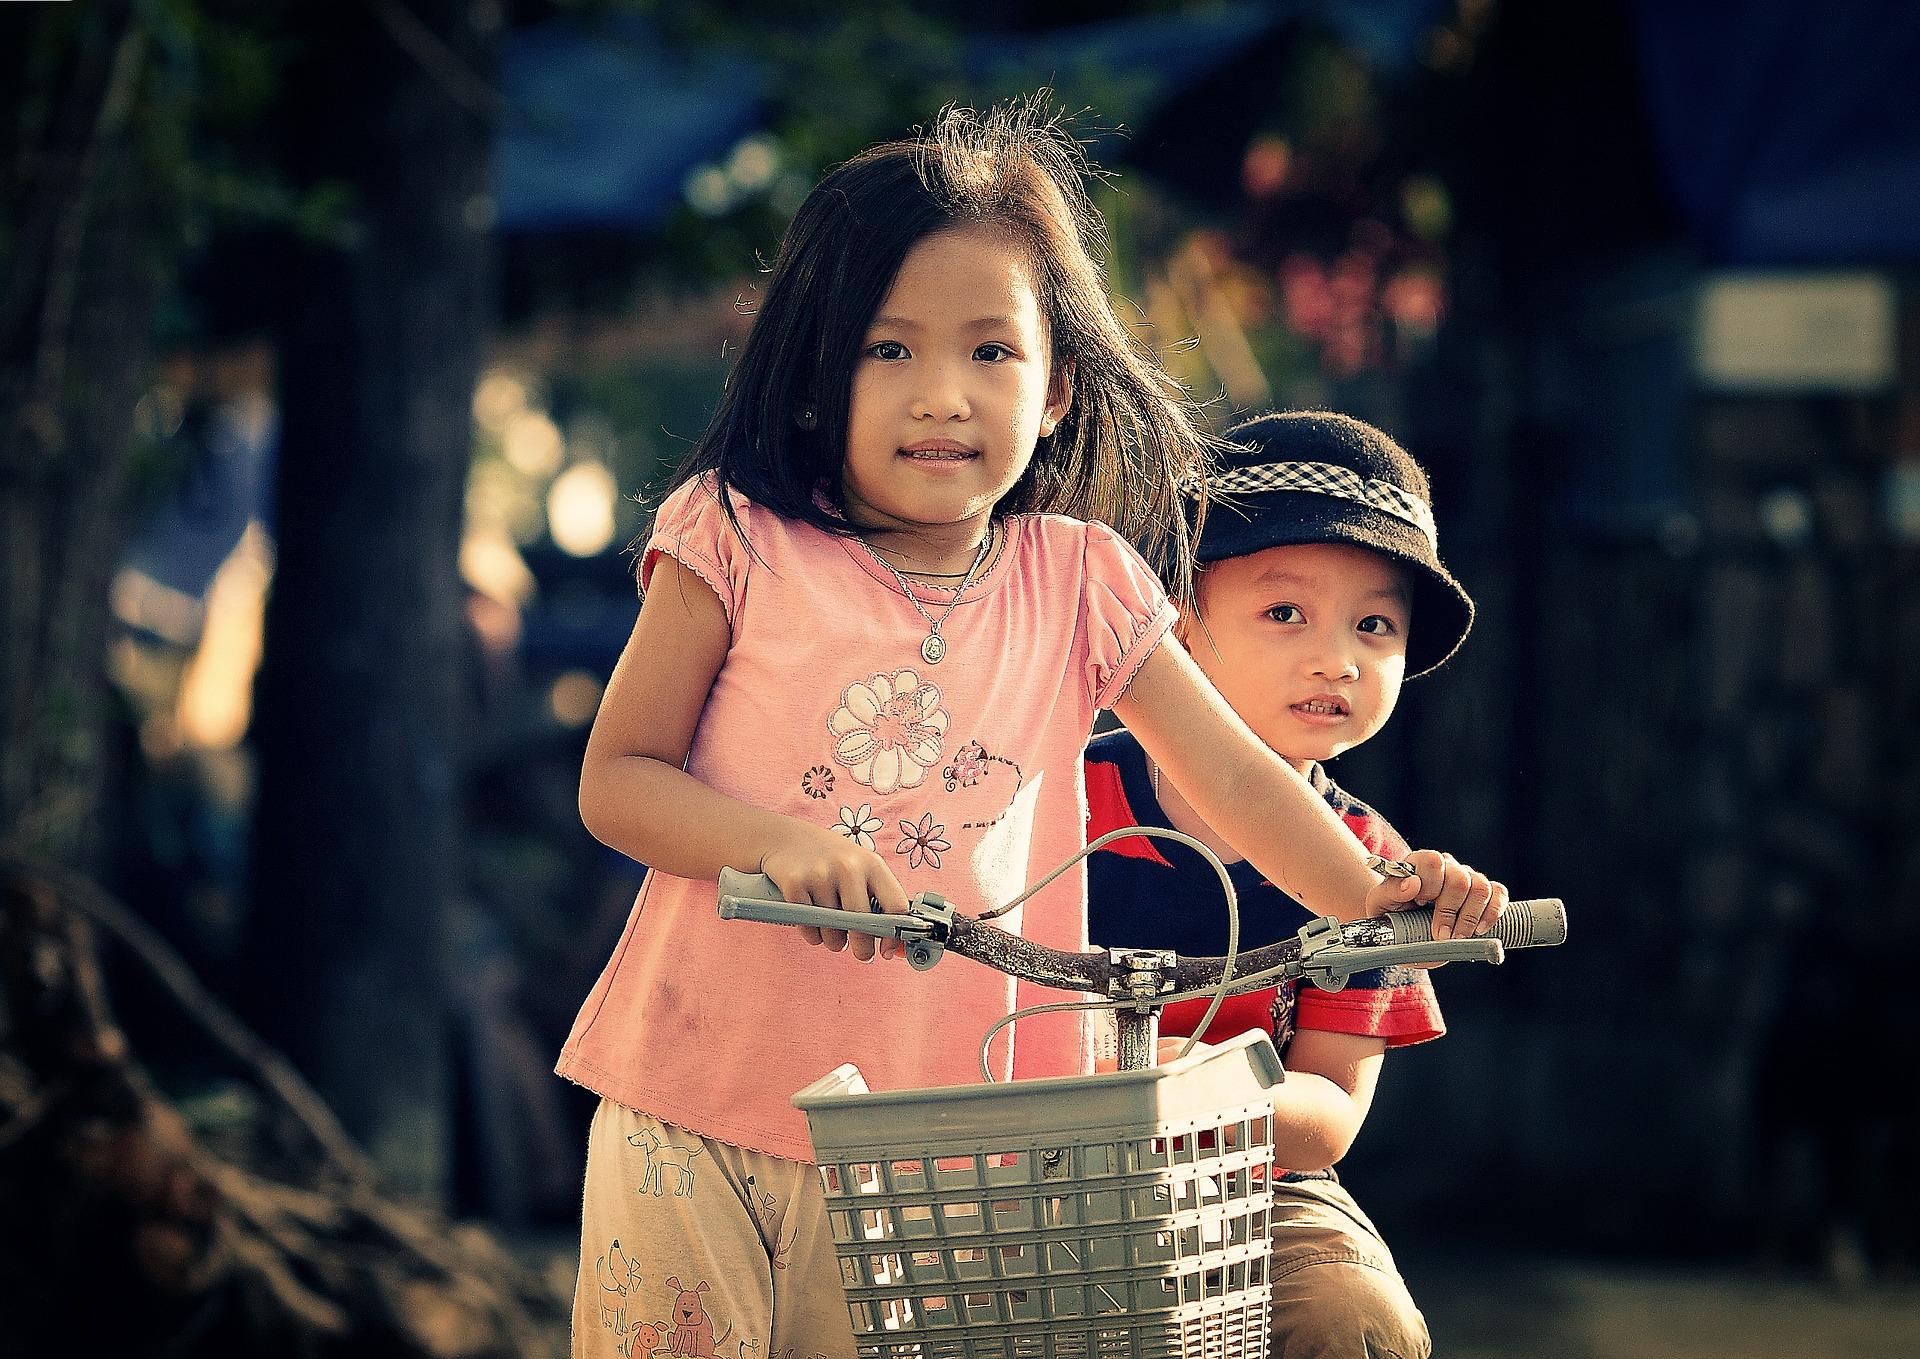 children-1720484_1920